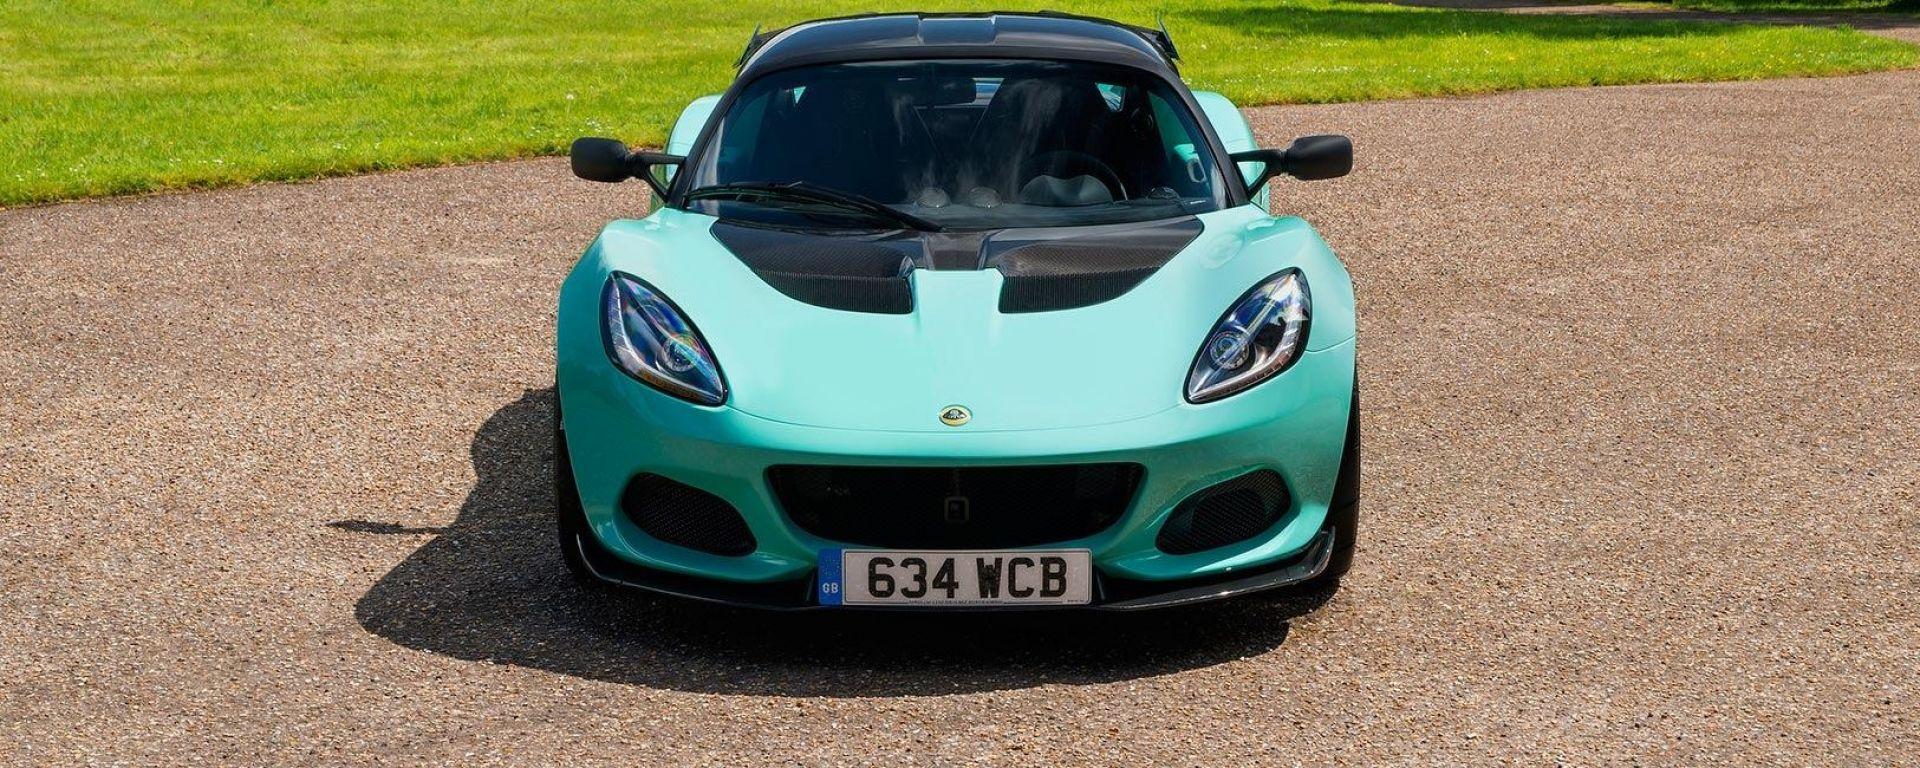 Nuova lotus Elise Cup 250: ossessionata dal peso